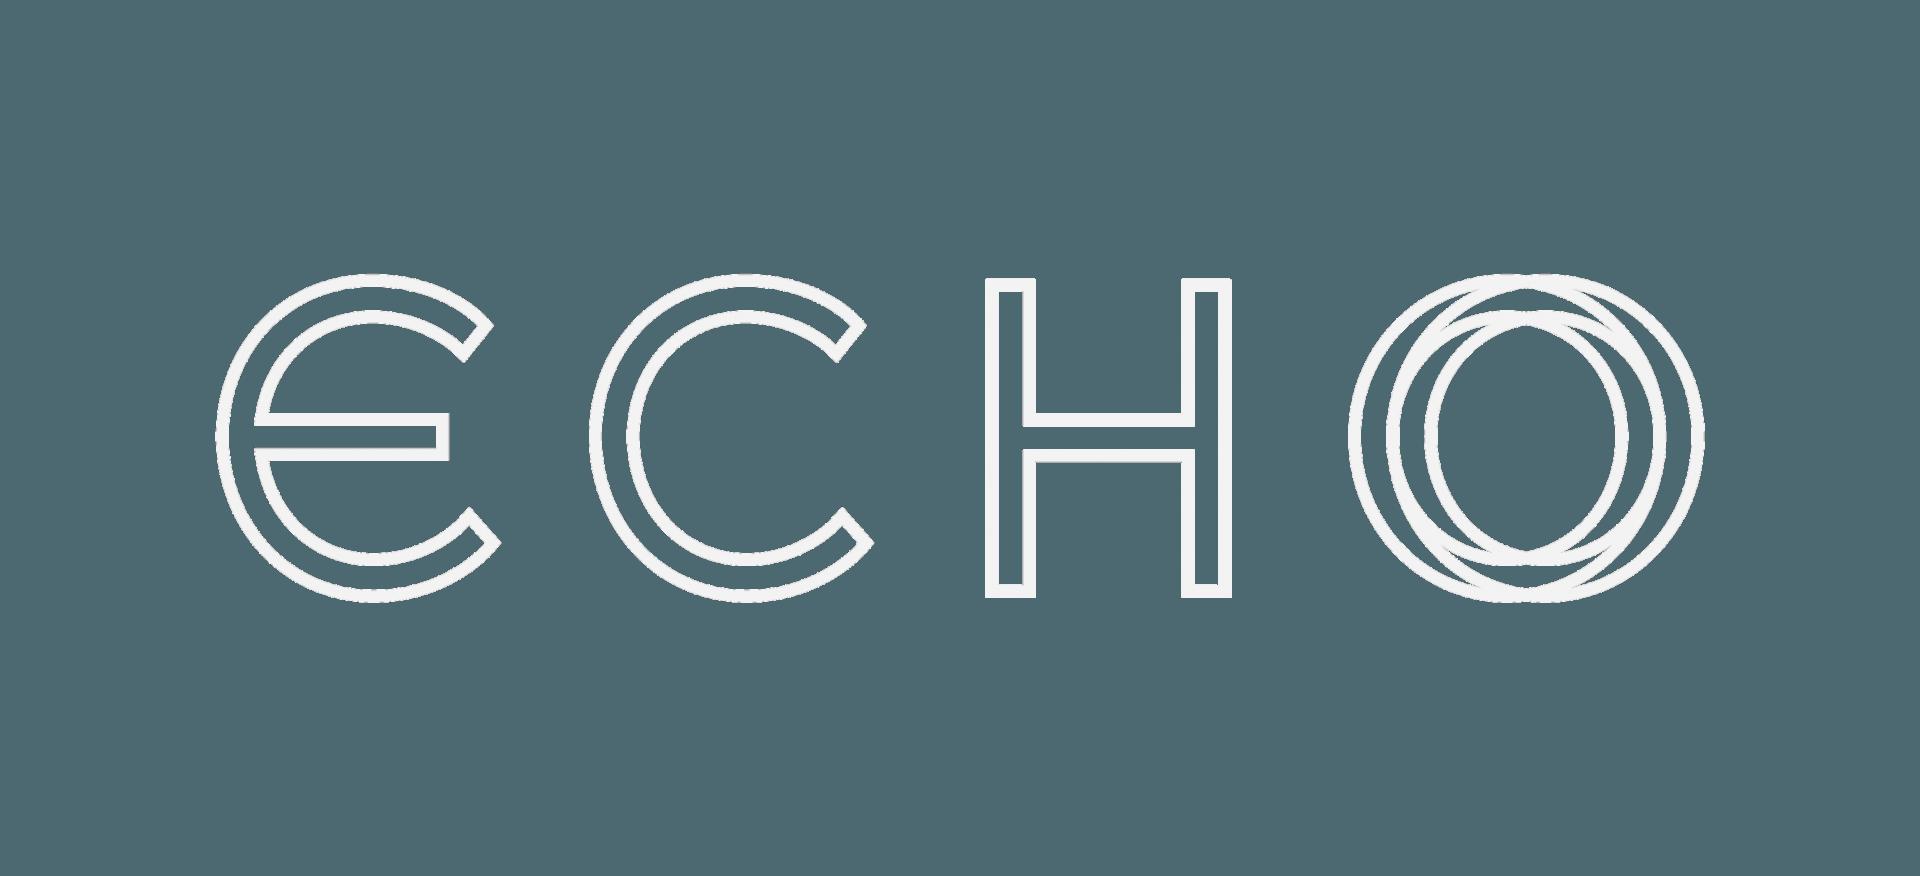 Echo Films